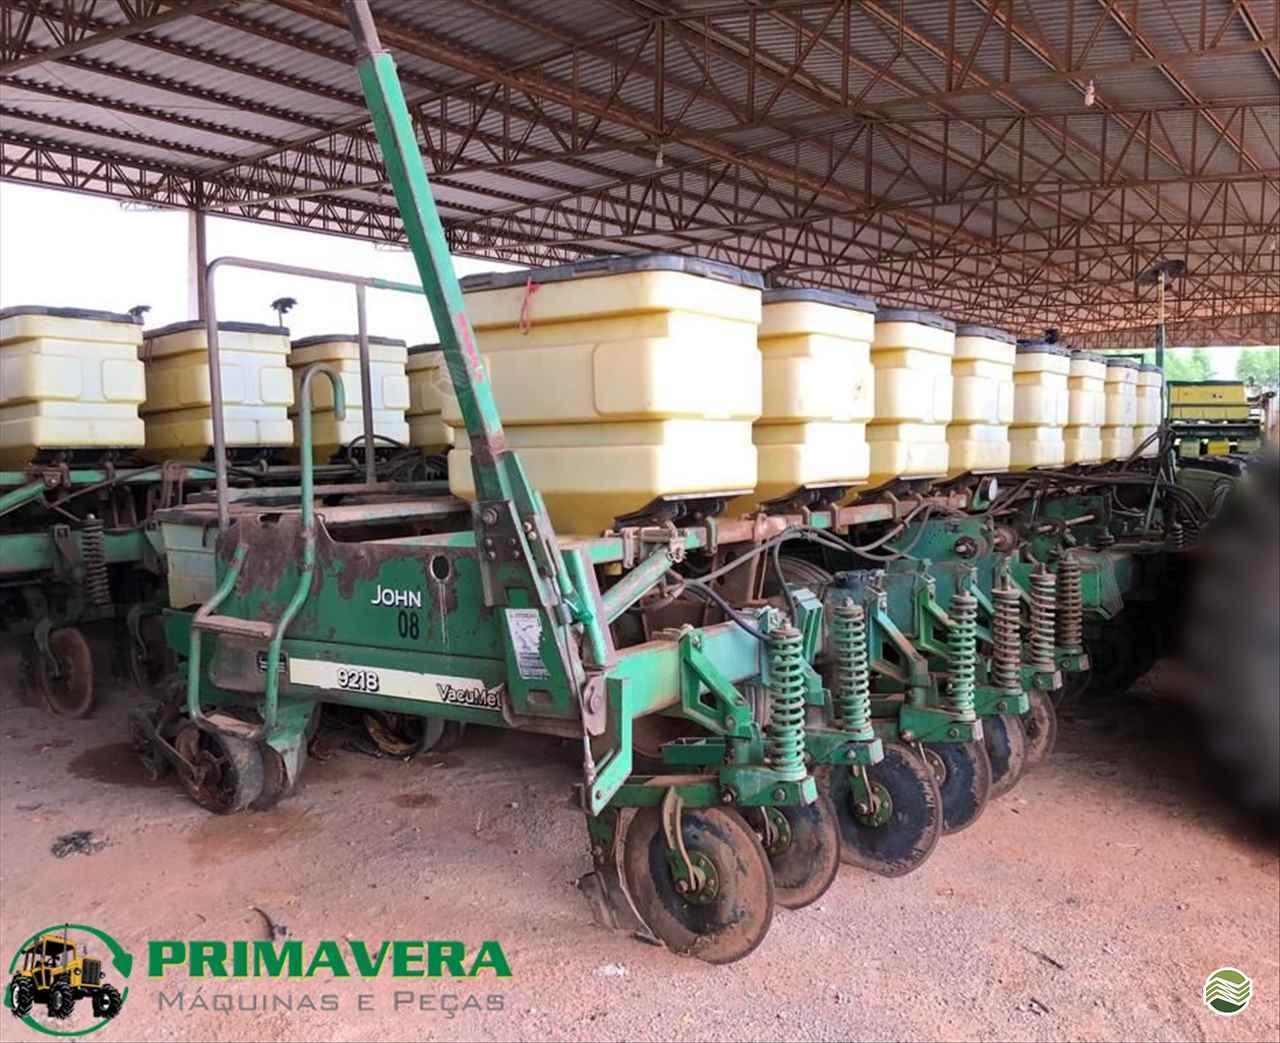 PLANTADEIRA JOHN DEERE PLANTADEIRAS 9218 Primavera Máquinas Usadas PRIMAVERA DO LESTE MATO GROSSO MT